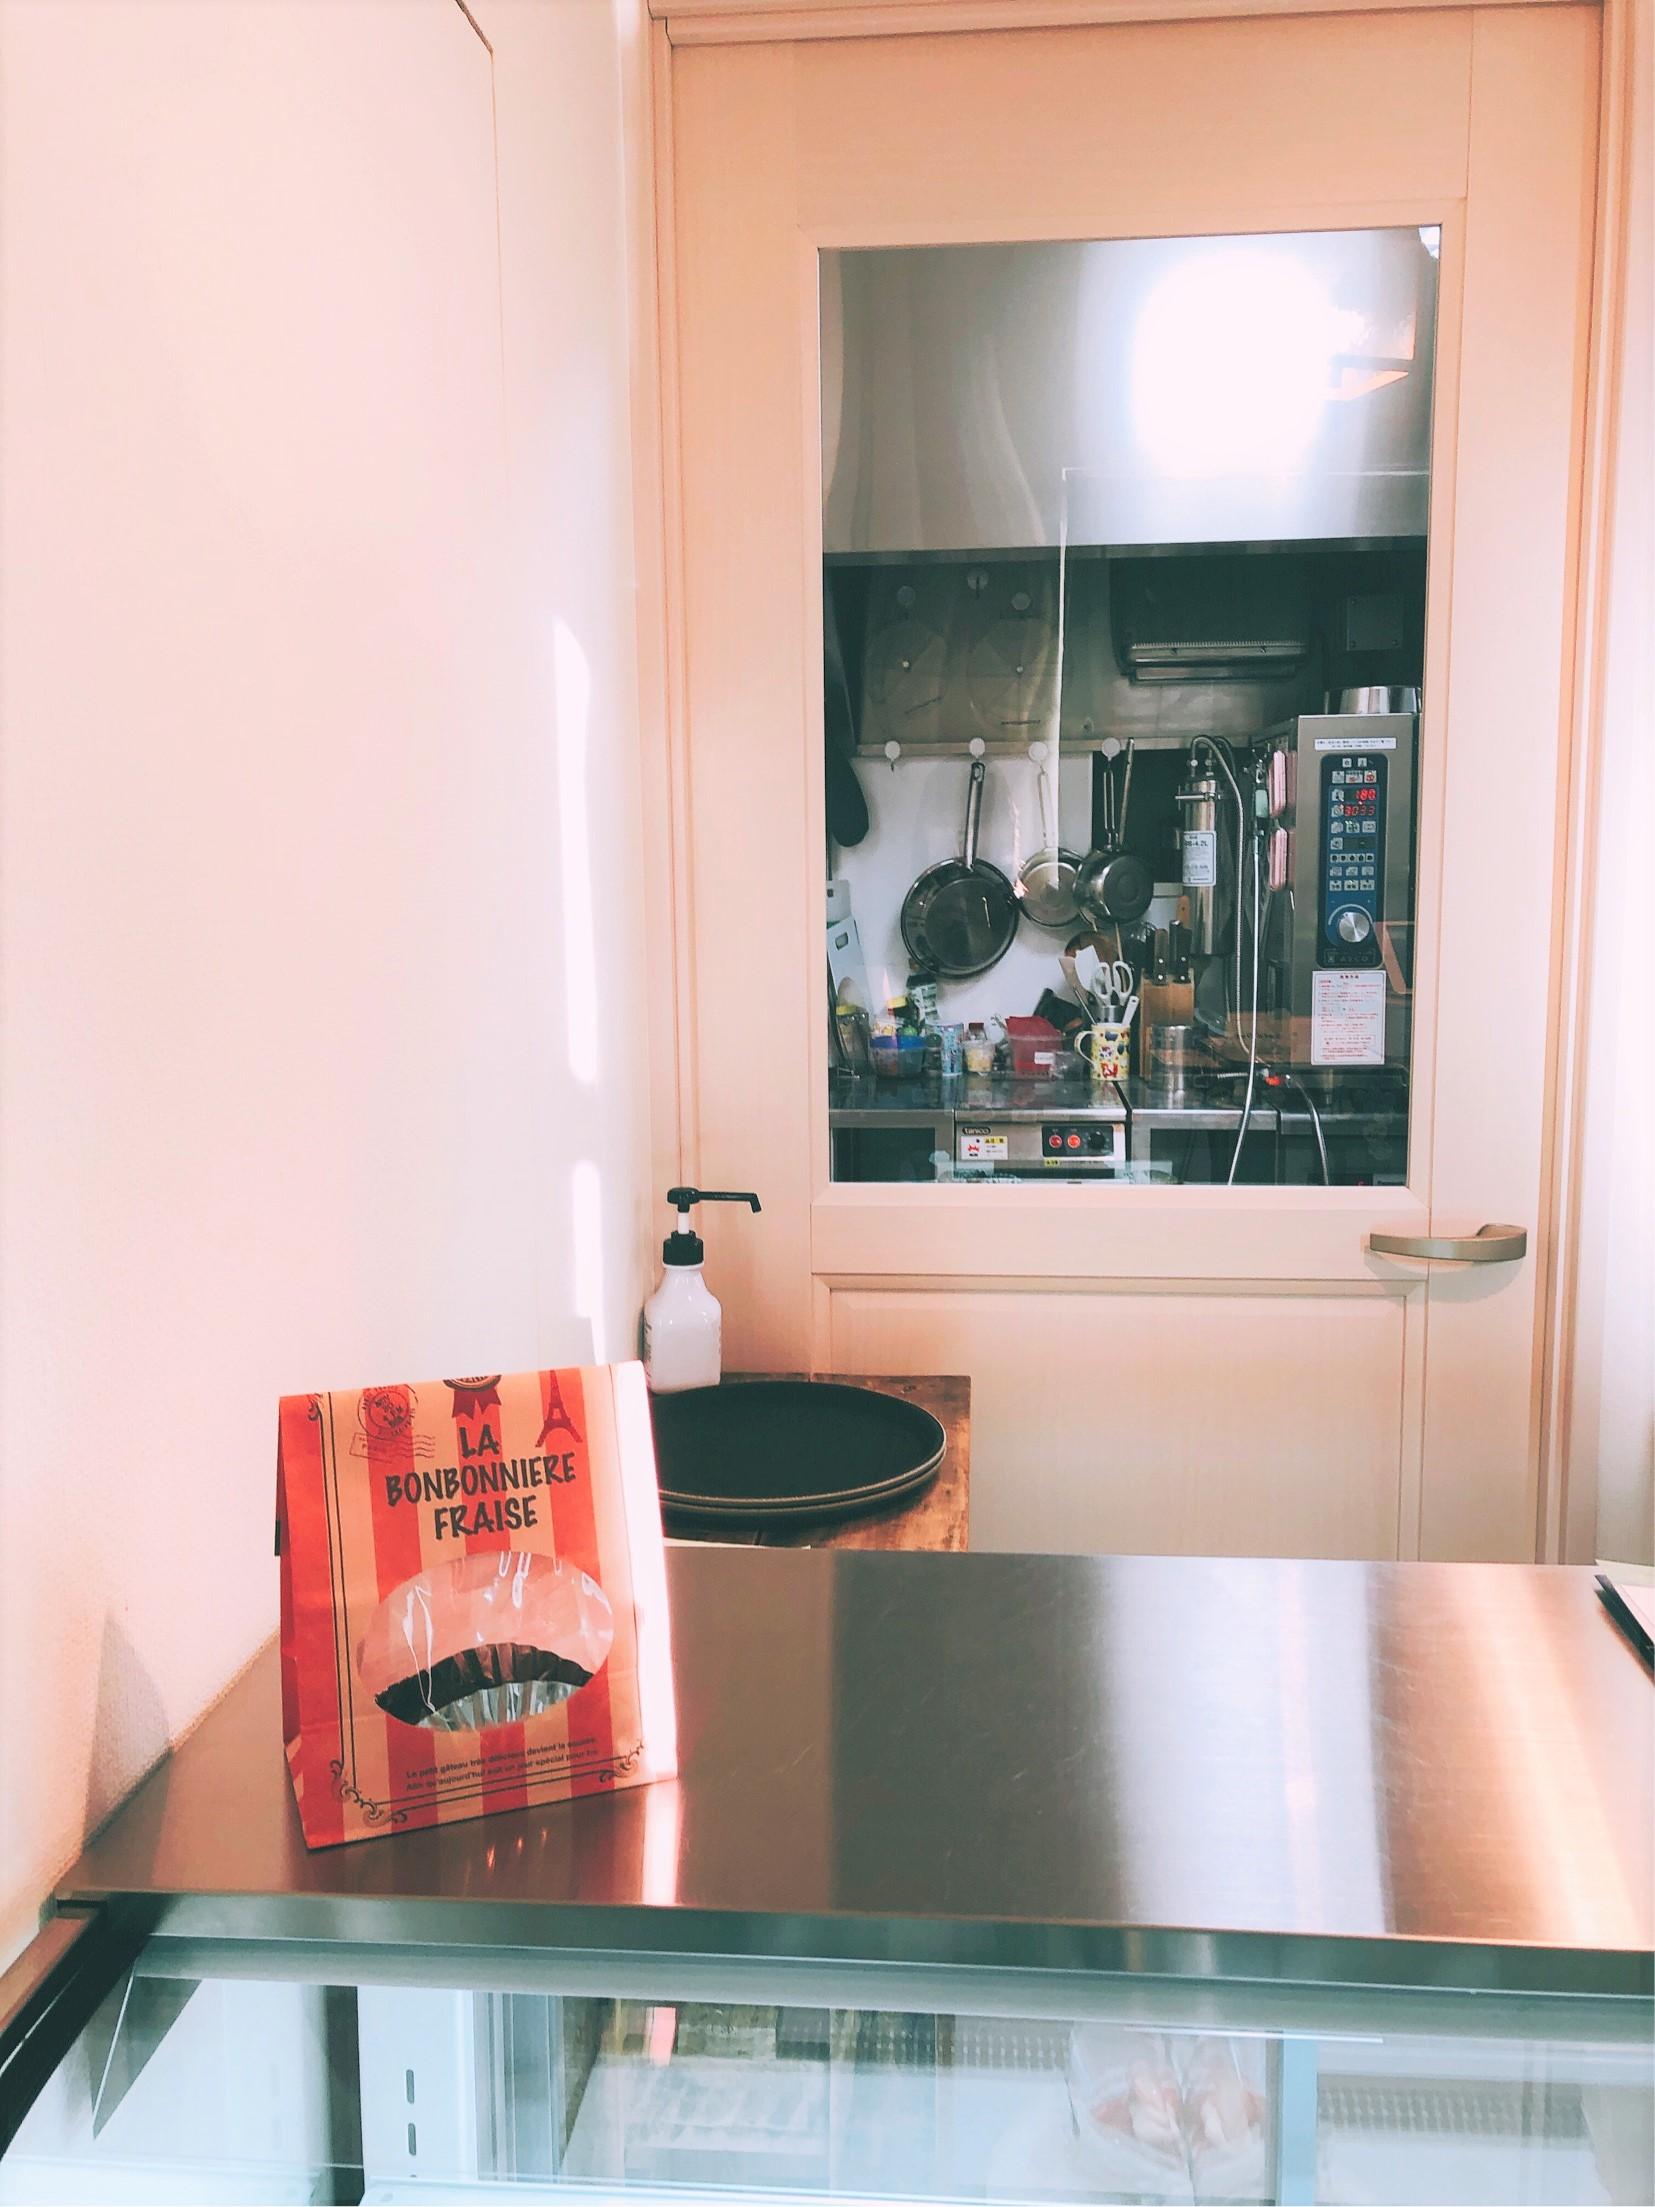 葉山で人気のケーキ屋さん、タルト専門店Maron(マロン)の中。ケーキ越しに見えるキッチンは、元々あったものではなく、0から作ったものだとか。